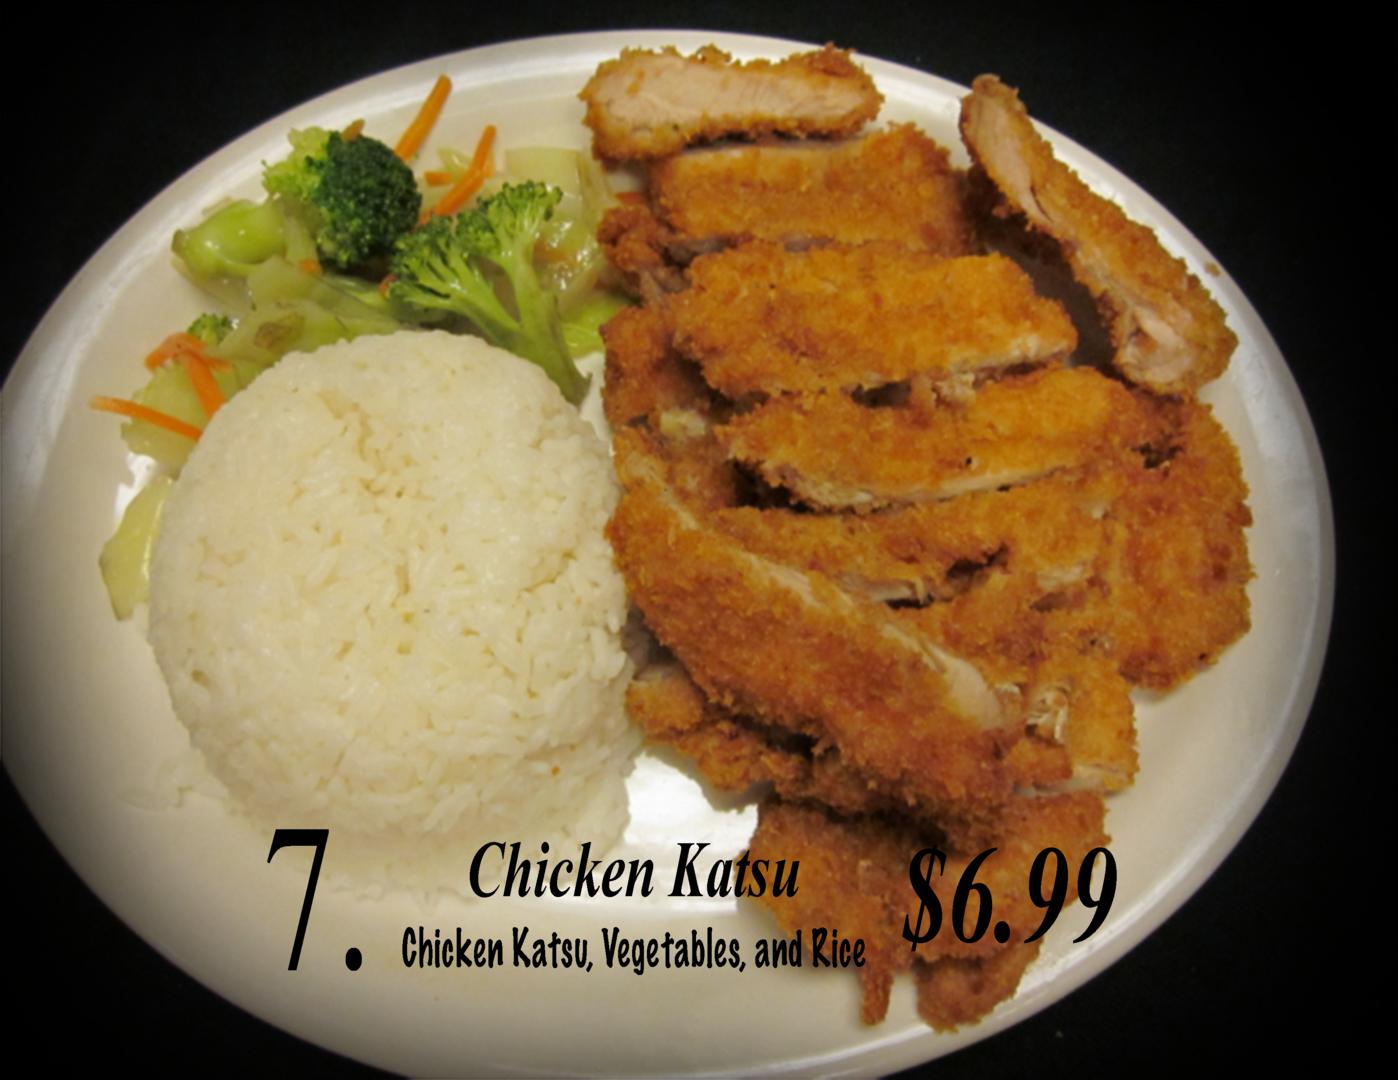 Hawaii Bbq Restaurant Uw Authentic Hawaiian Cuisine In The Heart Of U District